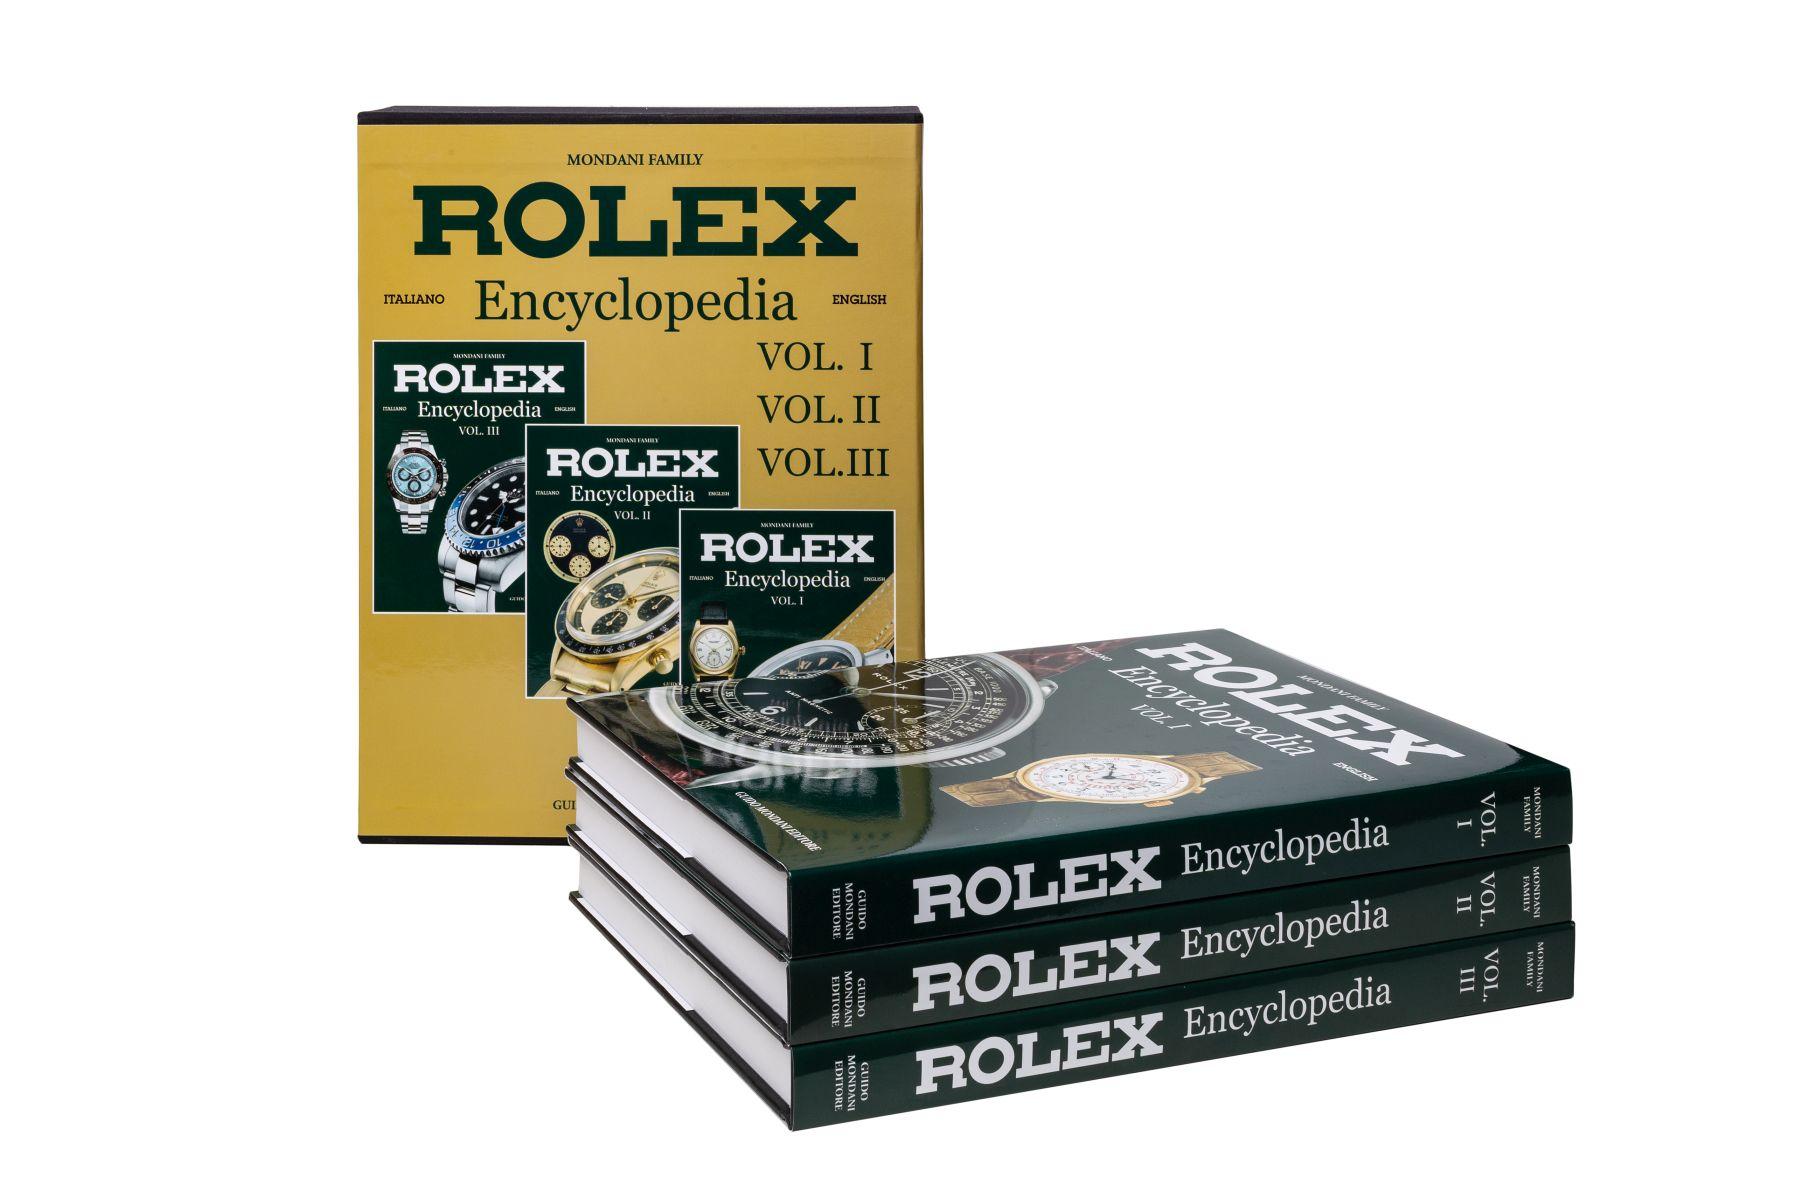 #127 Rolex Book Encyclopedia | Rolex Book Encyclopedia Image